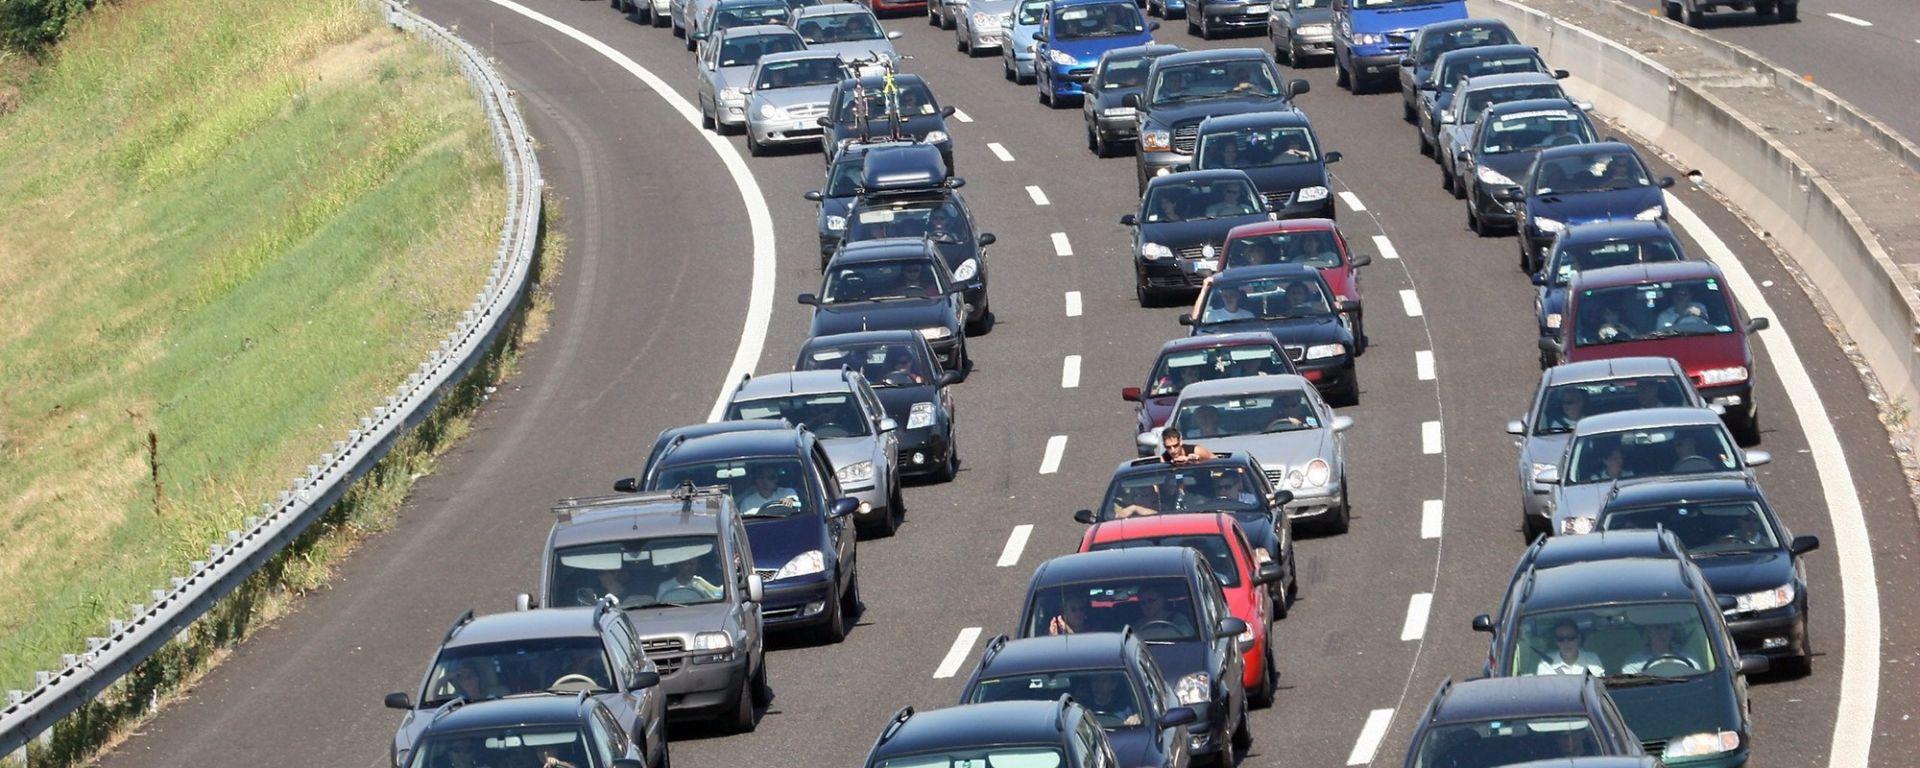 Il parco auto circolante italiano è tra i più vecchi in Europa